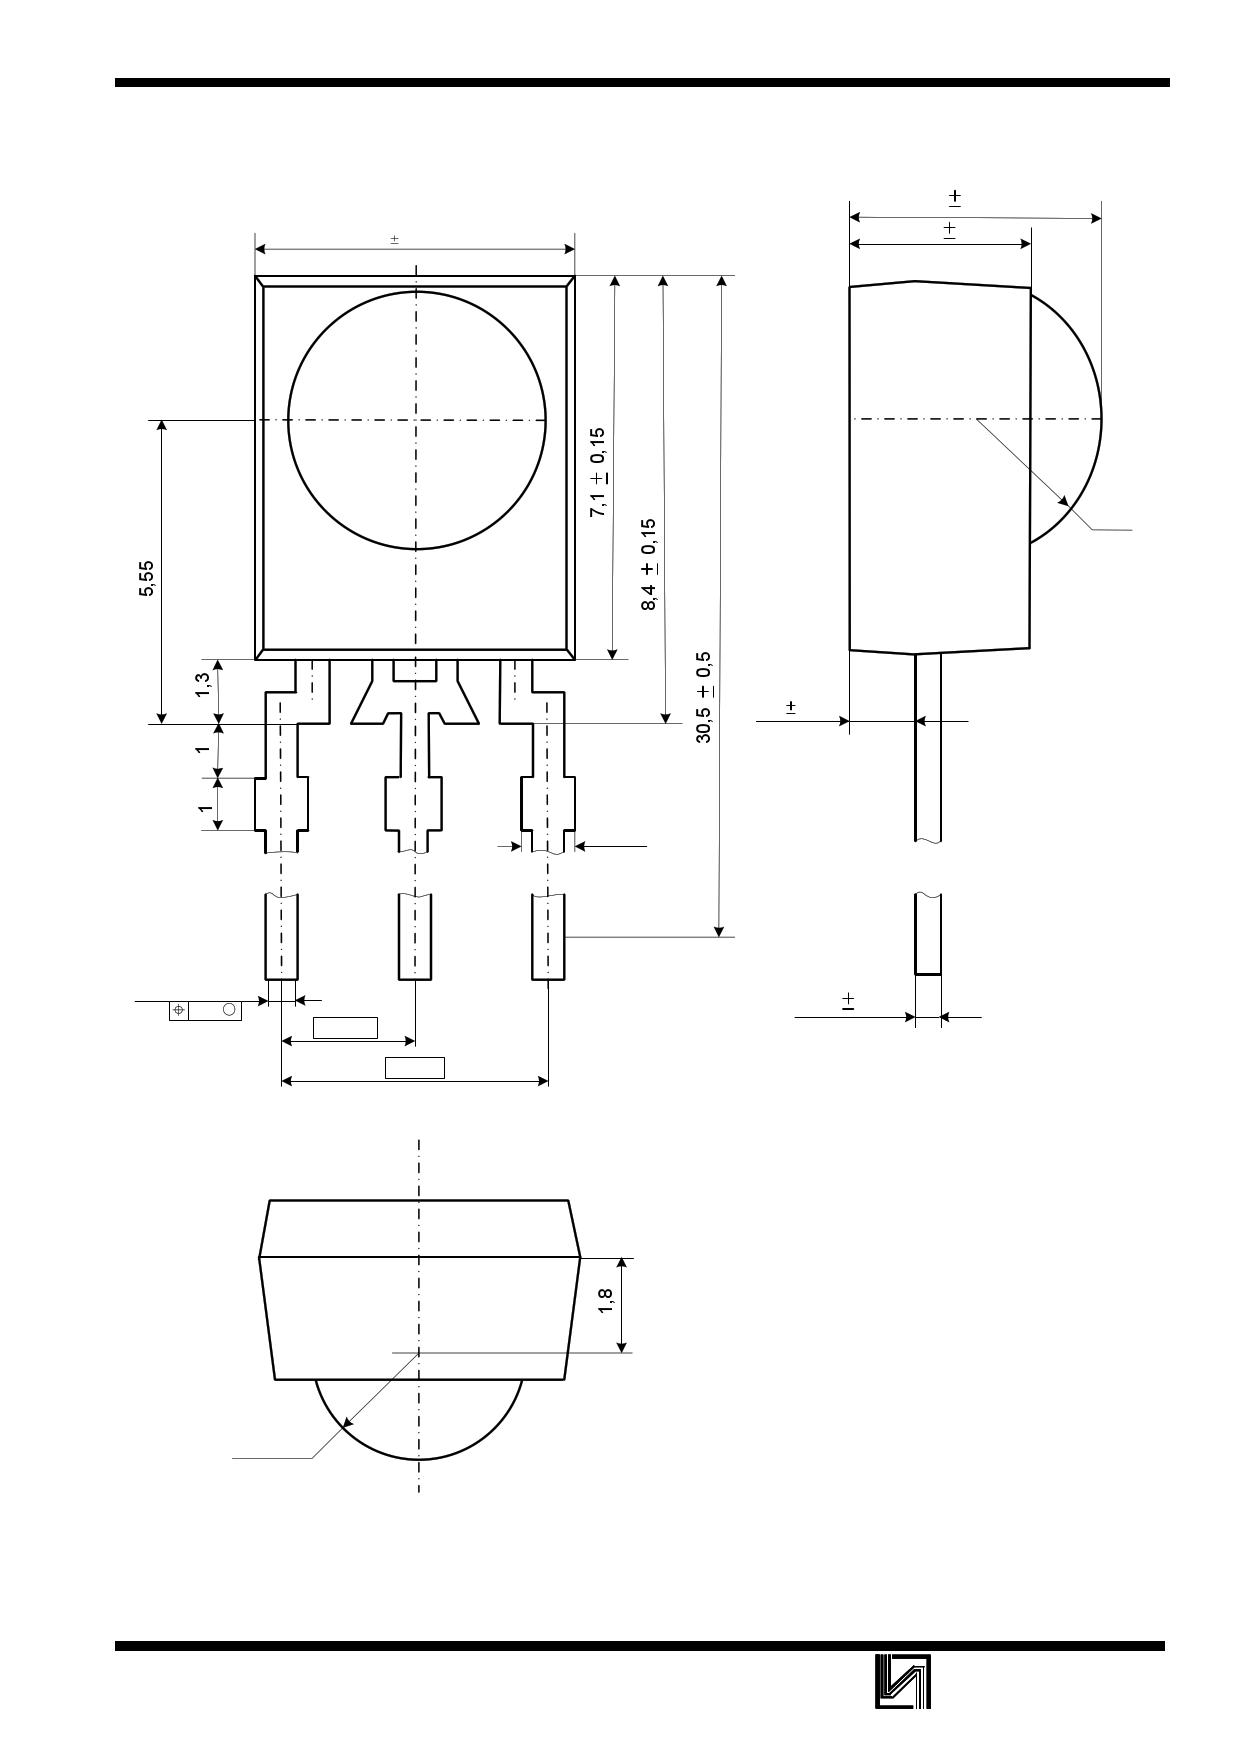 ILOP1838SS 電子部品, 半導体